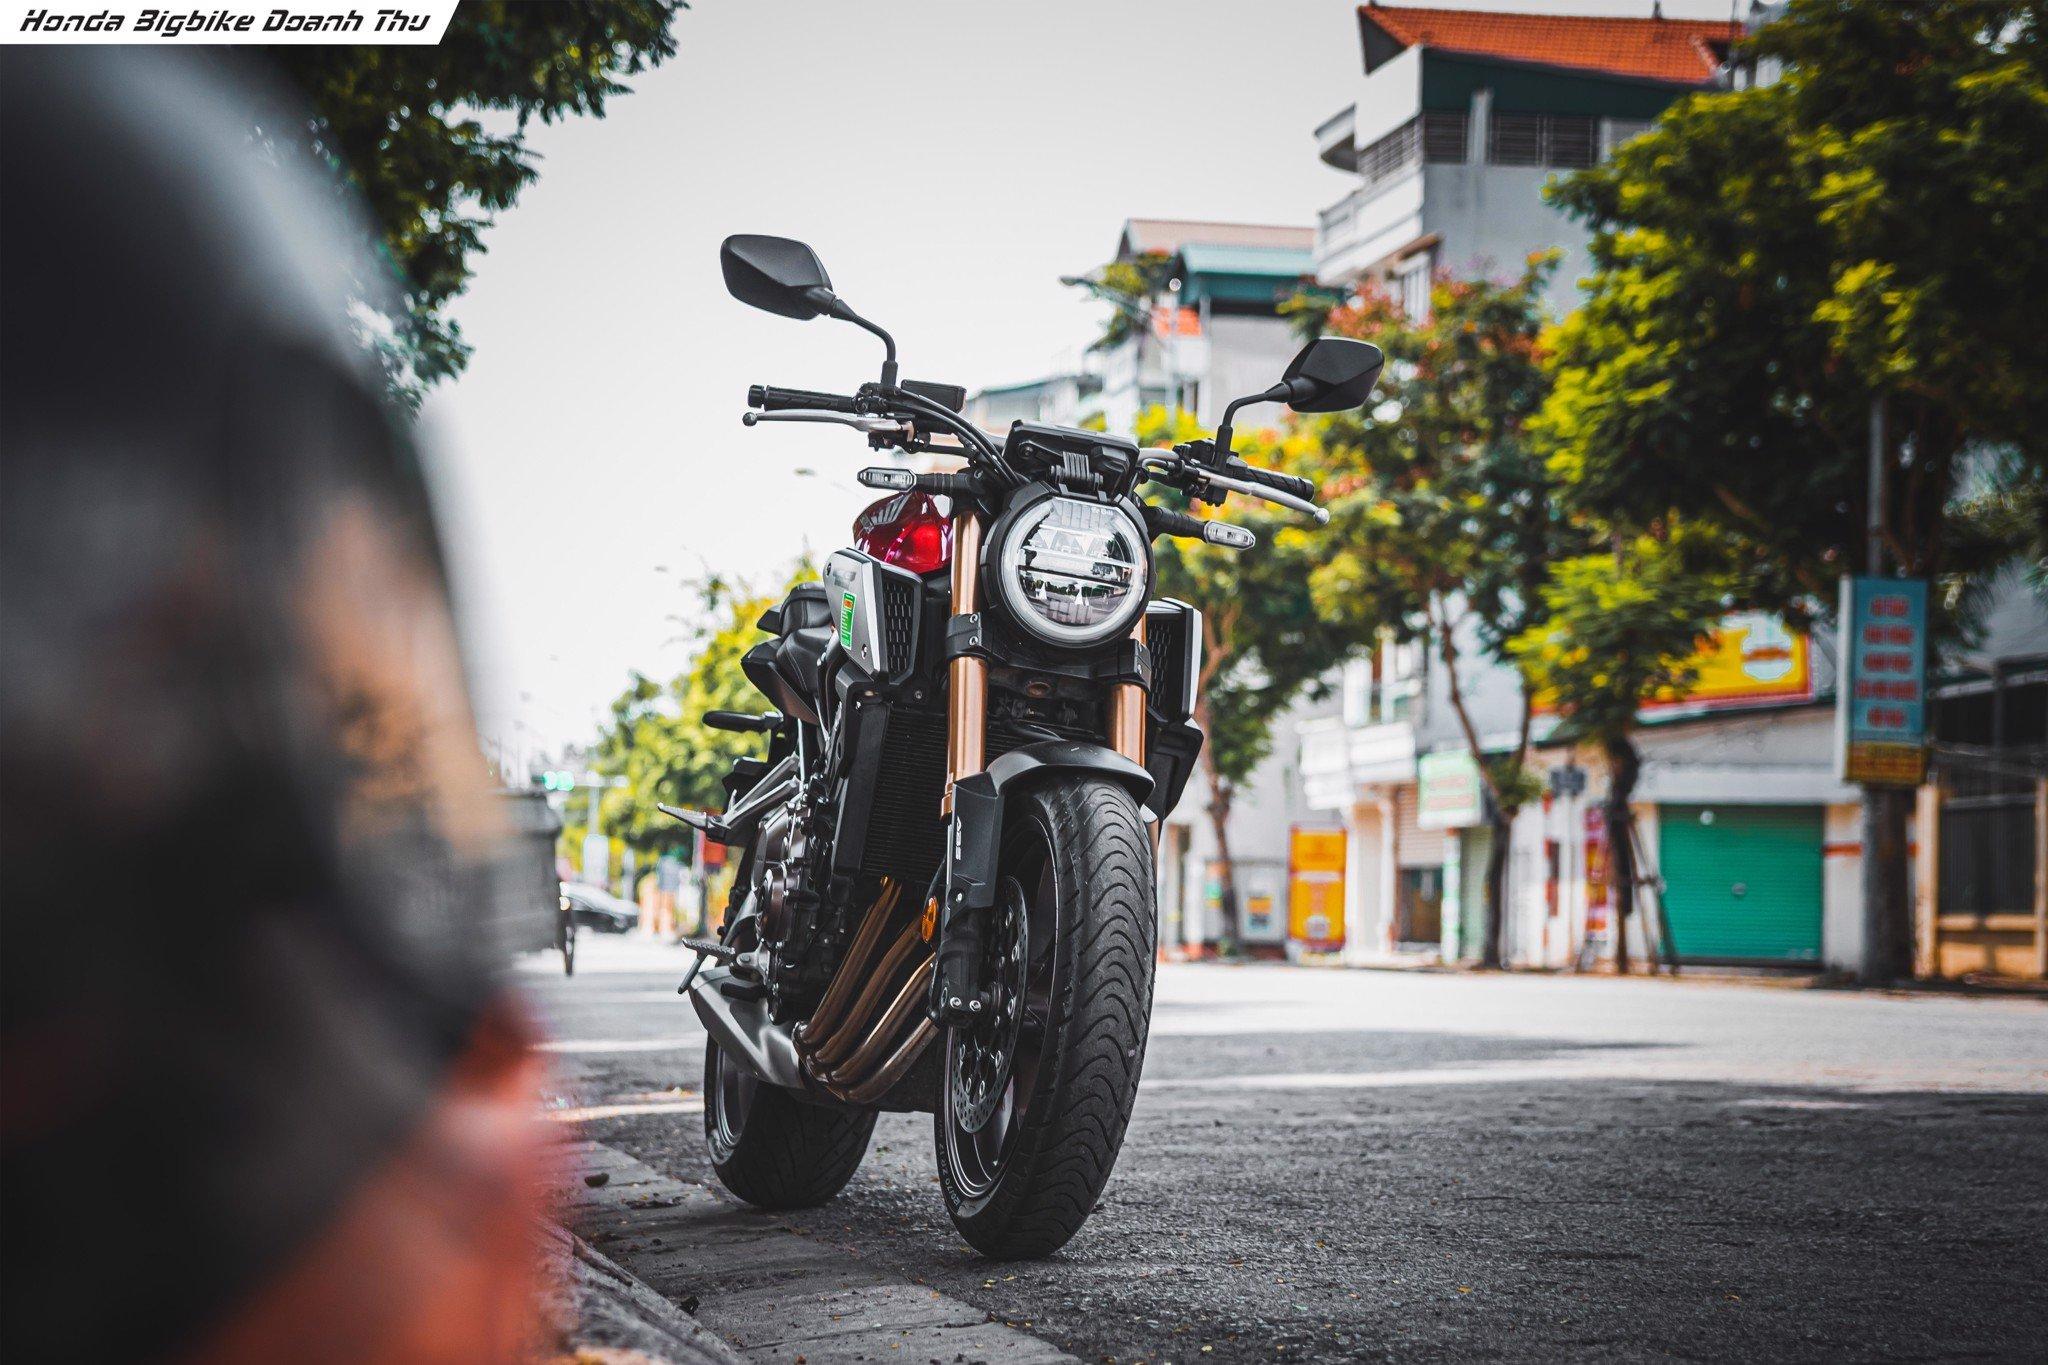 Honda CB650R - Anh hùng đường phố, ông hoàng chạy tour